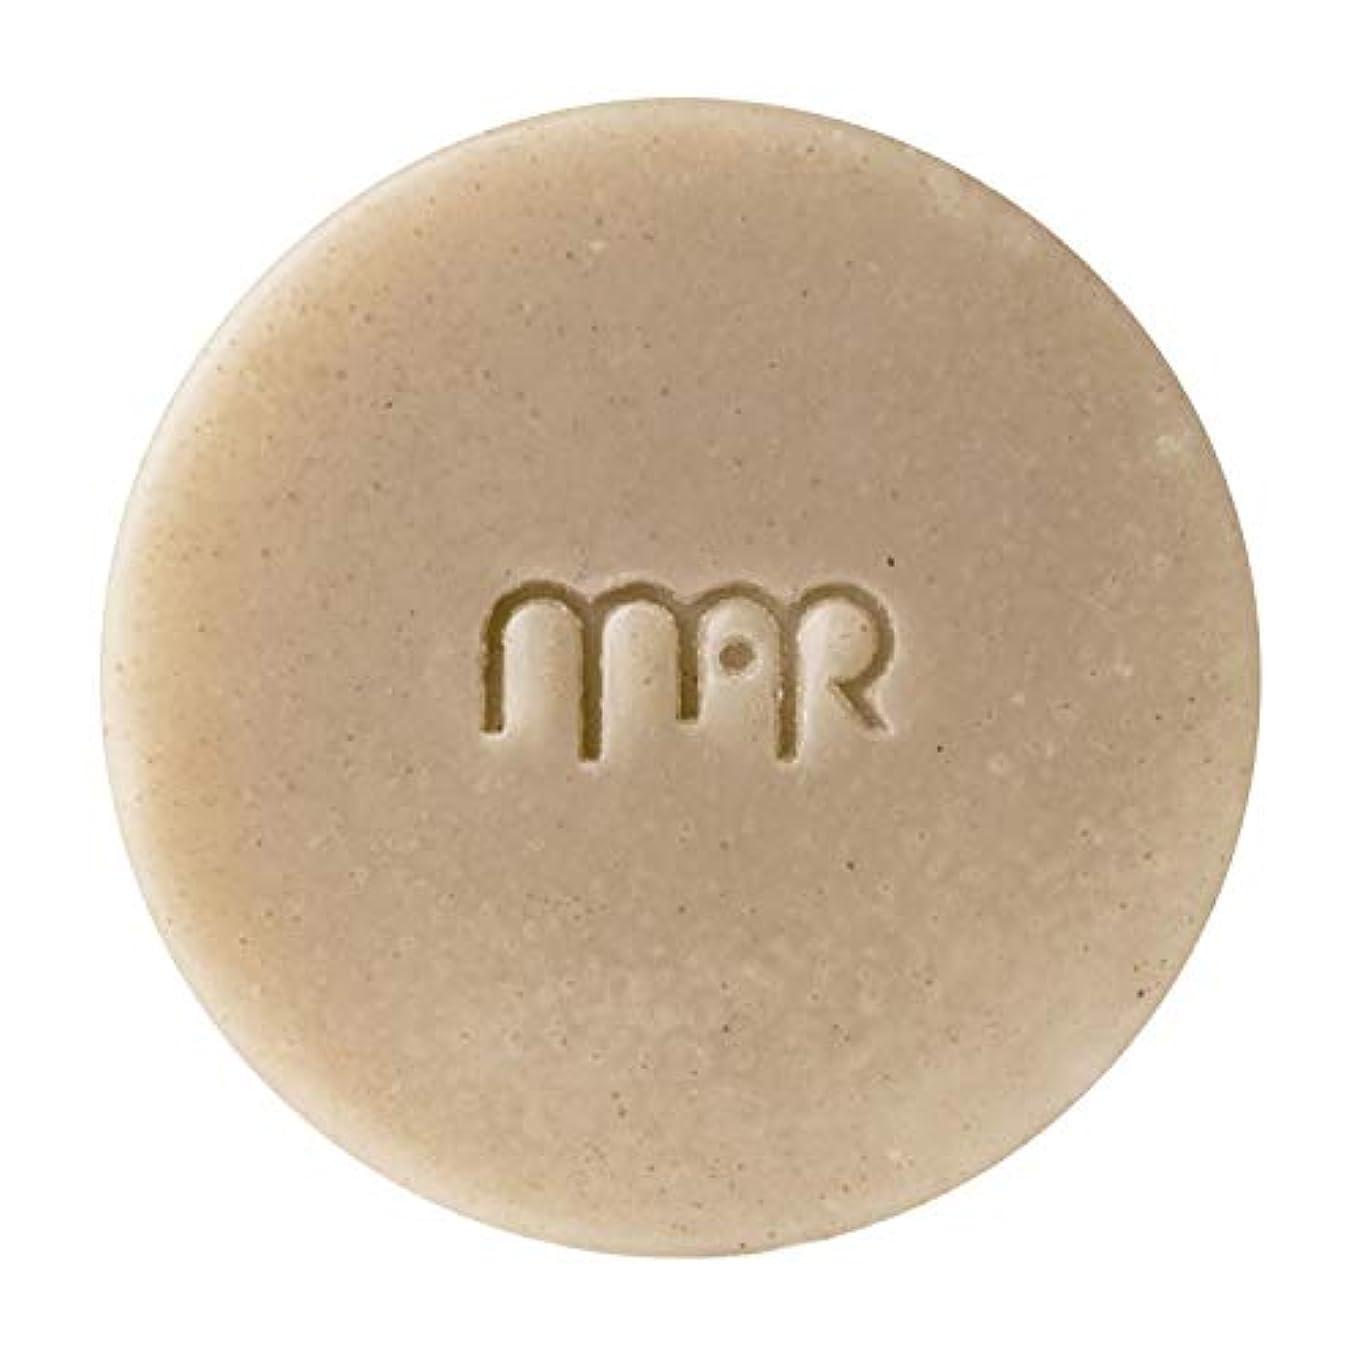 キャンパス幻想的振り返るマールアペラル (MARapelar) オーガニッククレイ石鹸(大) 80g / 約30日分